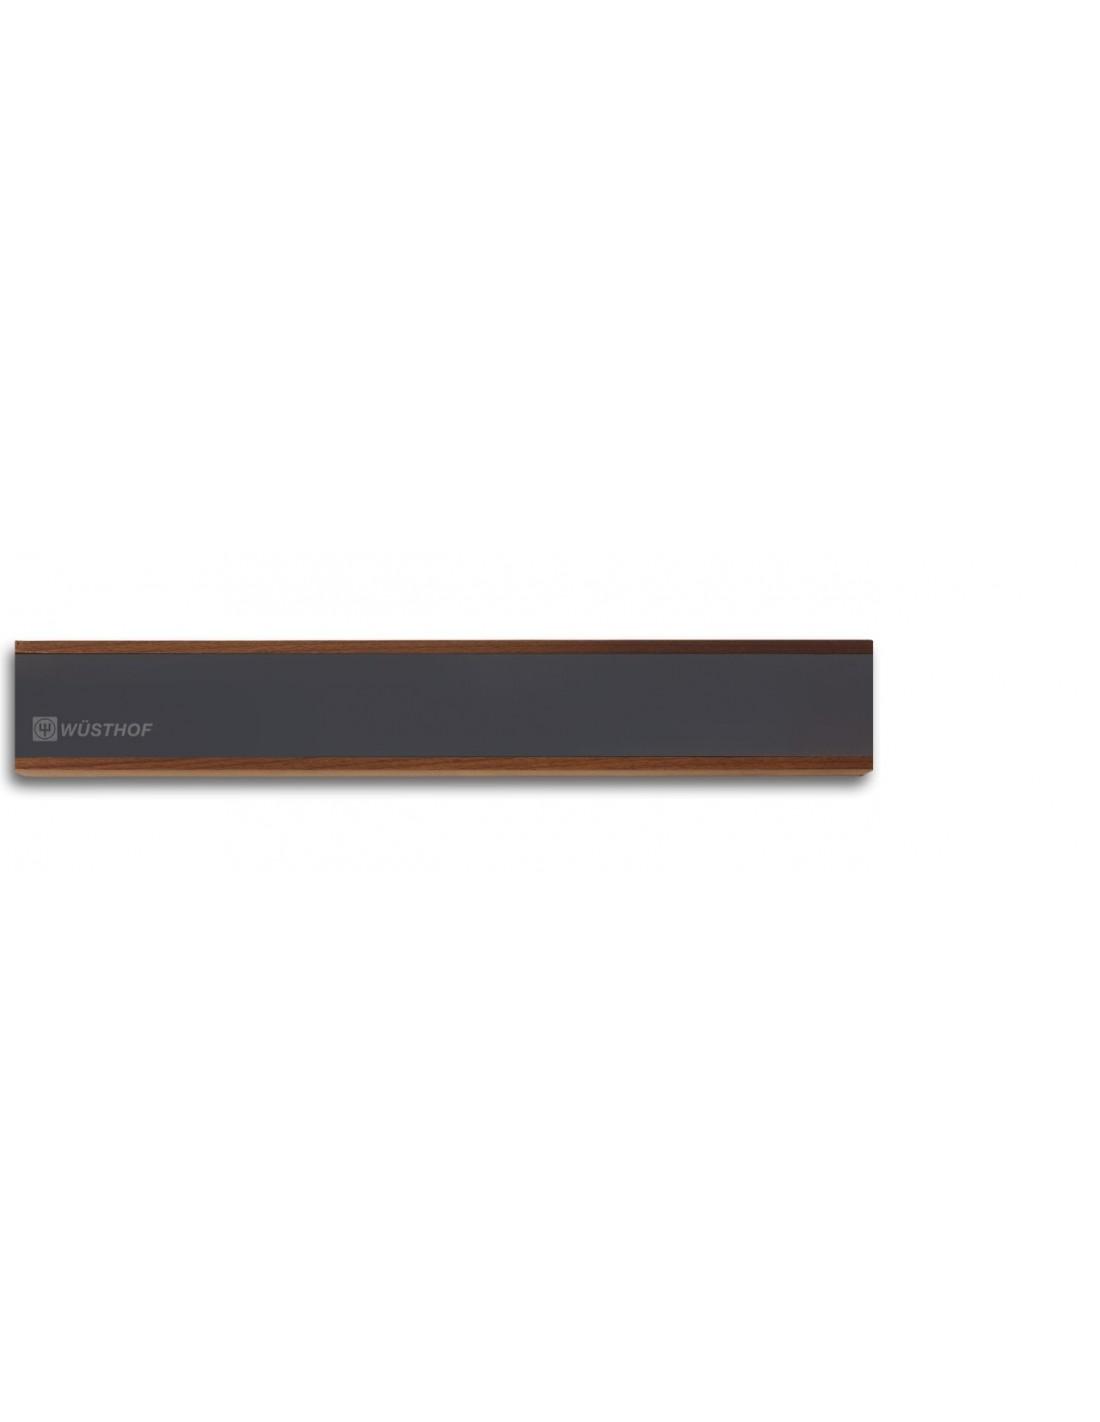 W sthof barra magnetica per coltelli da cucina - Barra attrezzata cucina ...